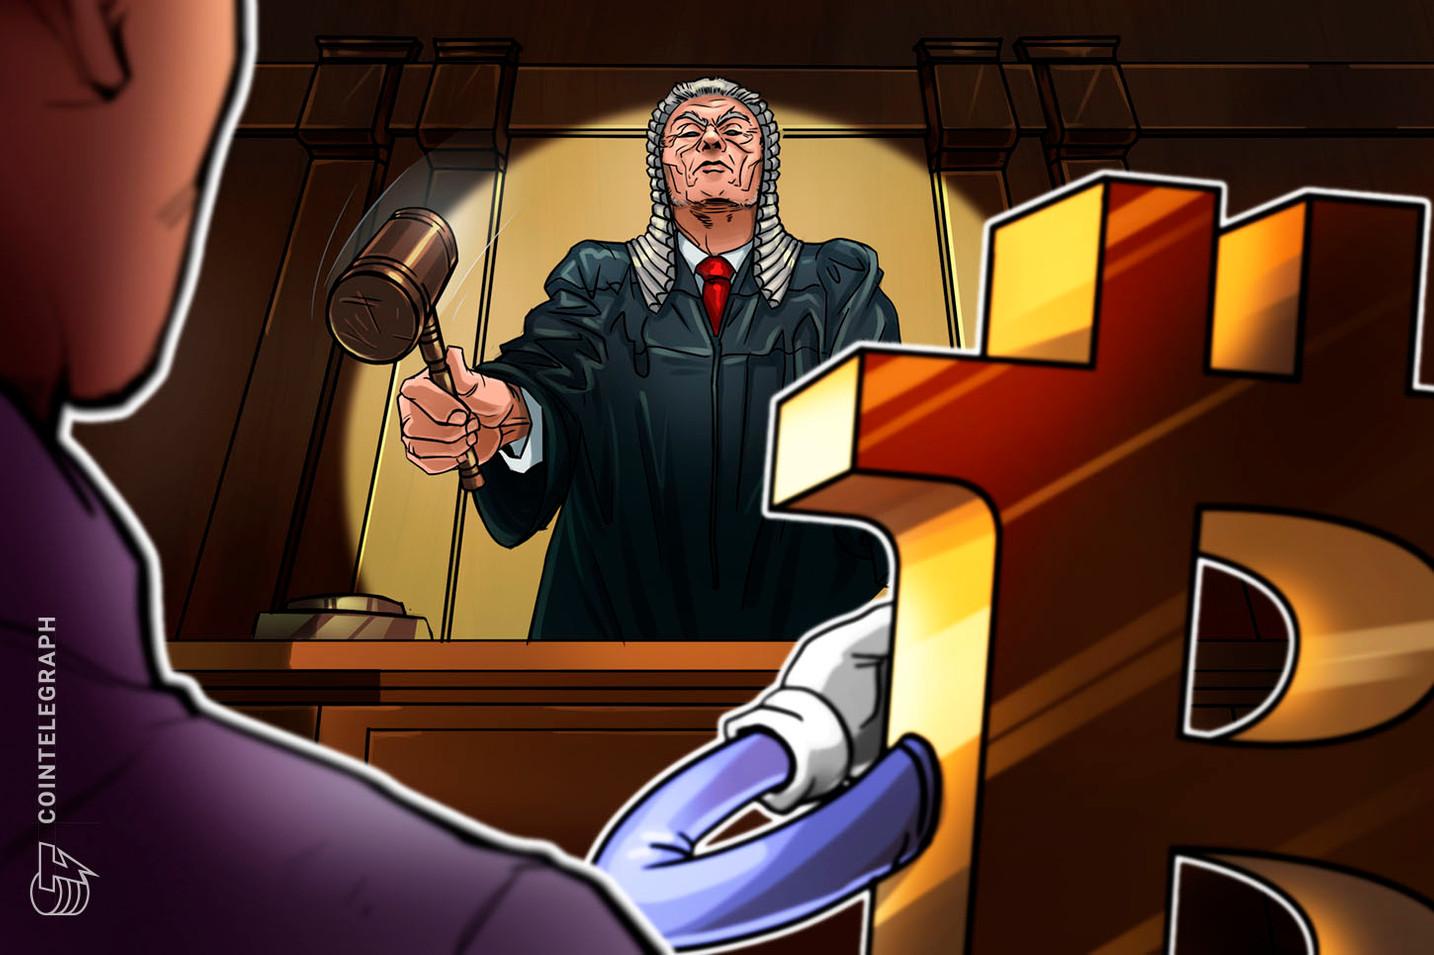 Major Victim of Cryptopia Hack Prepares to Sue Liquidator Grant Thornton